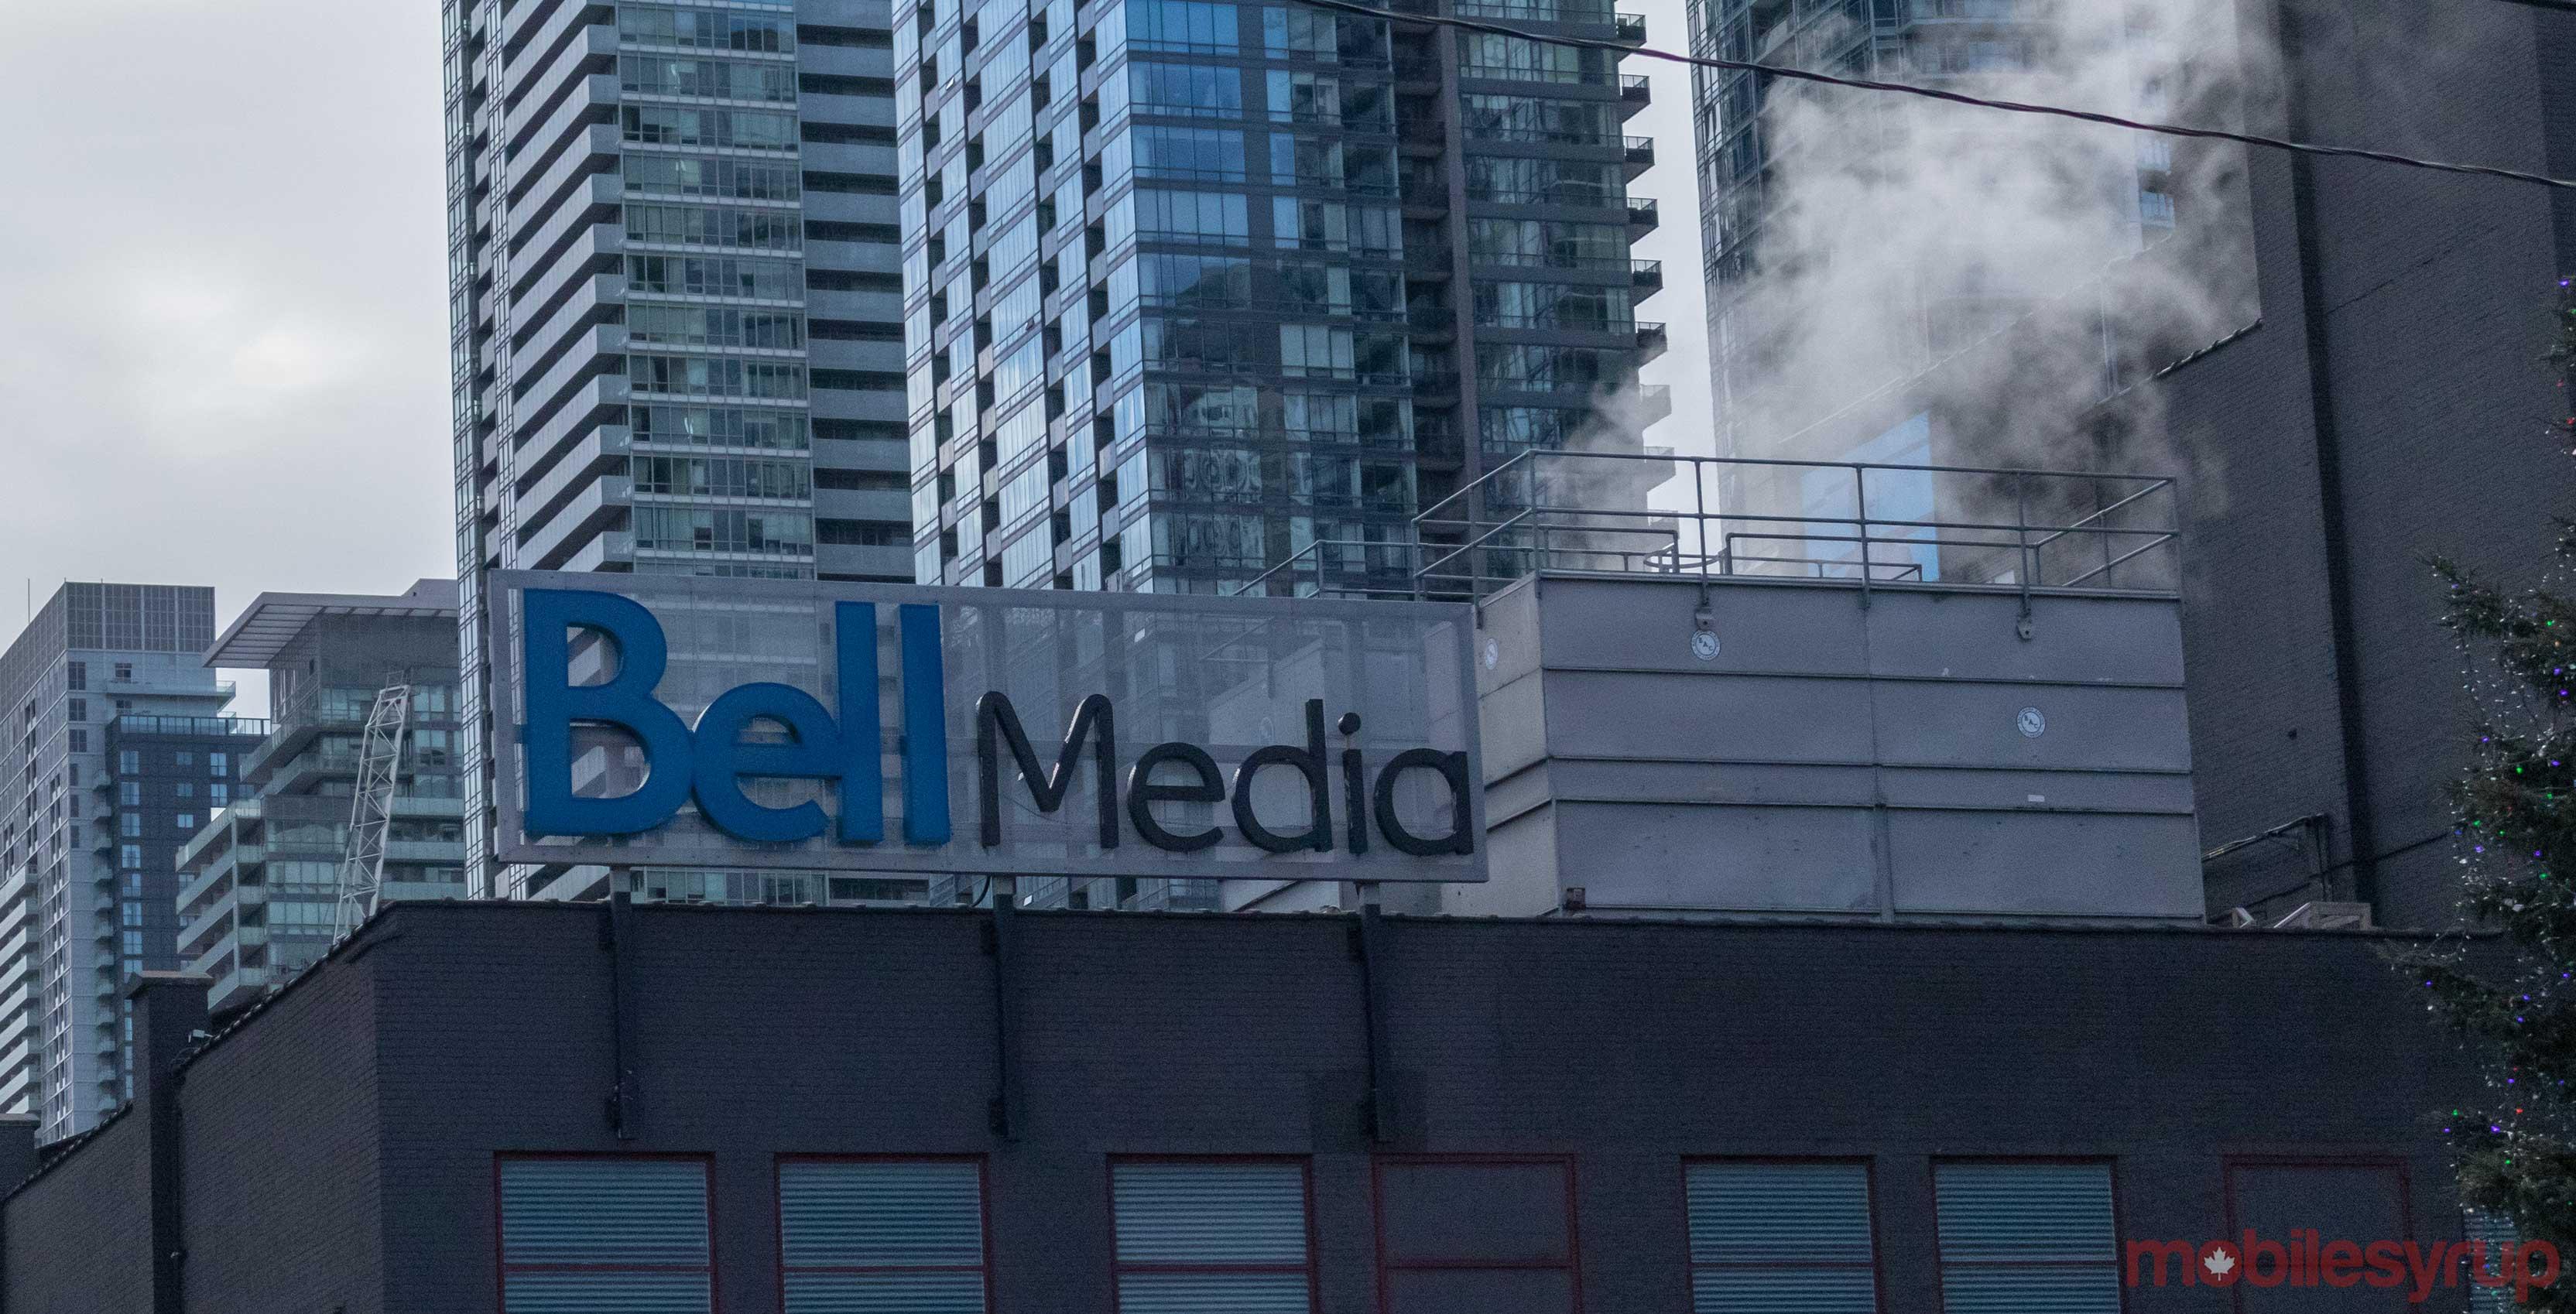 Bell Media winter